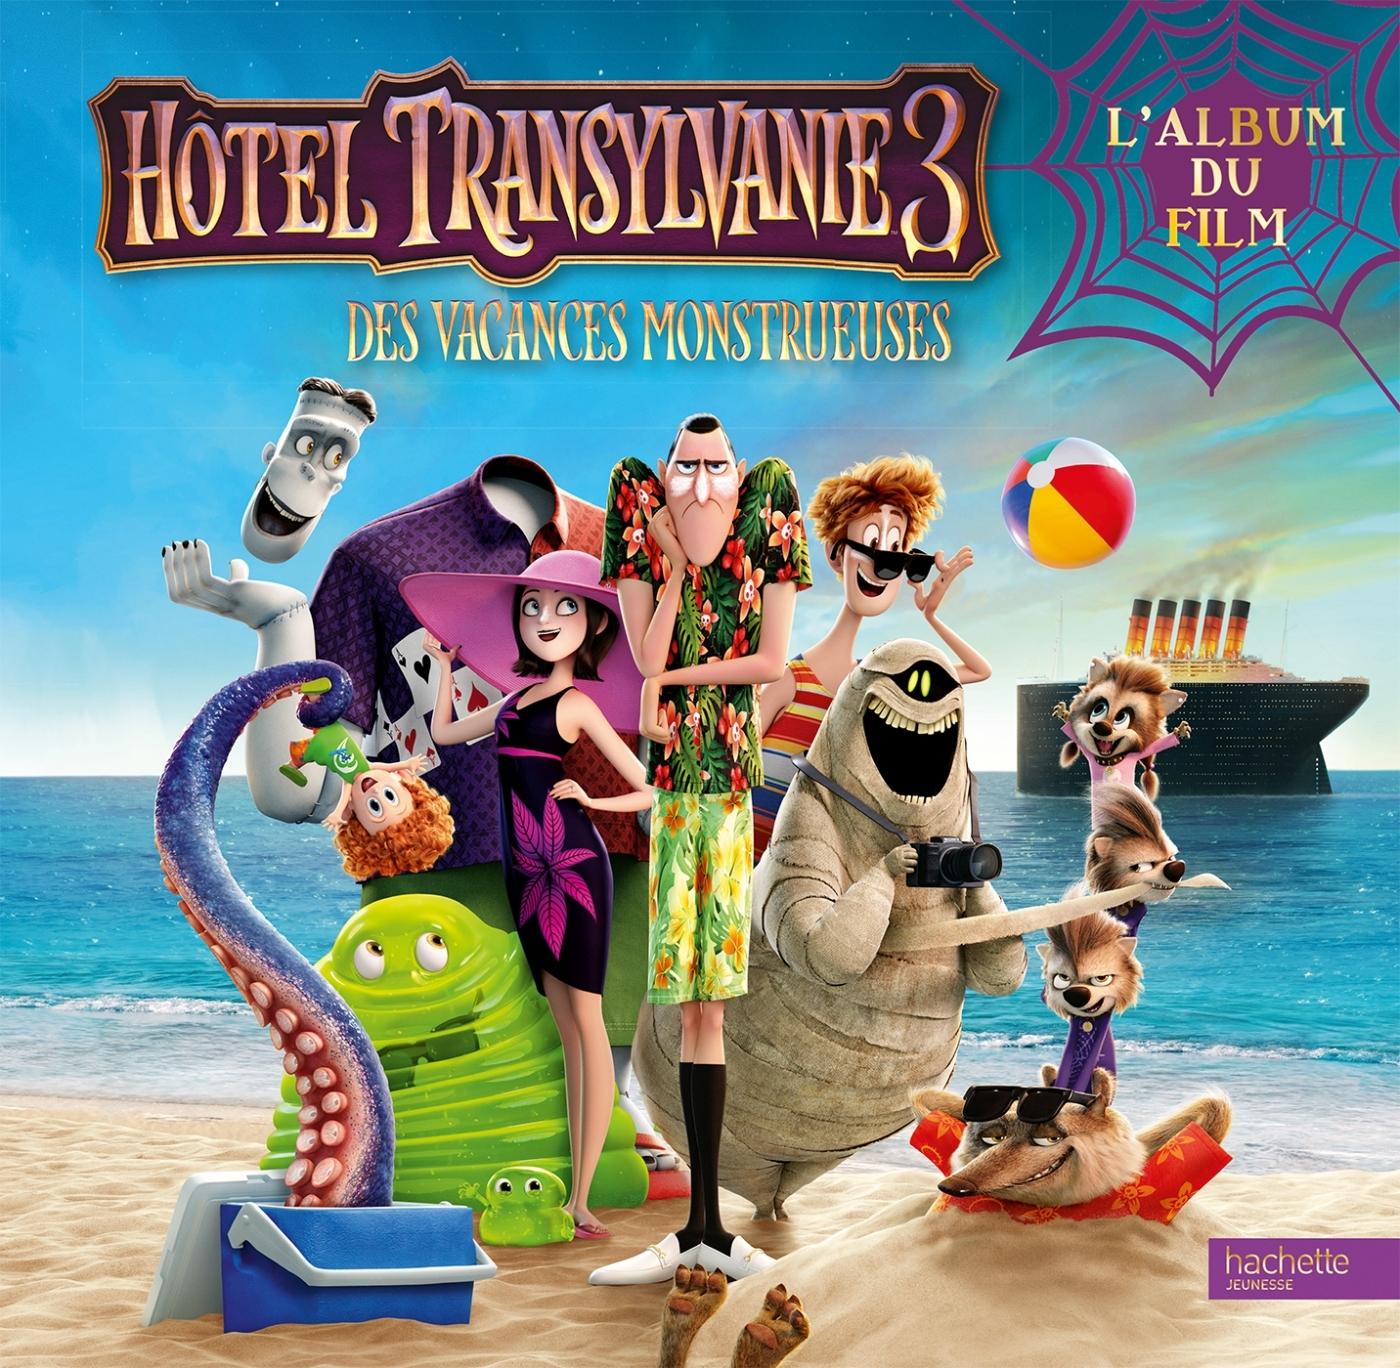 HOTEL TRANSYLVANIE - ALBUM DU FILM